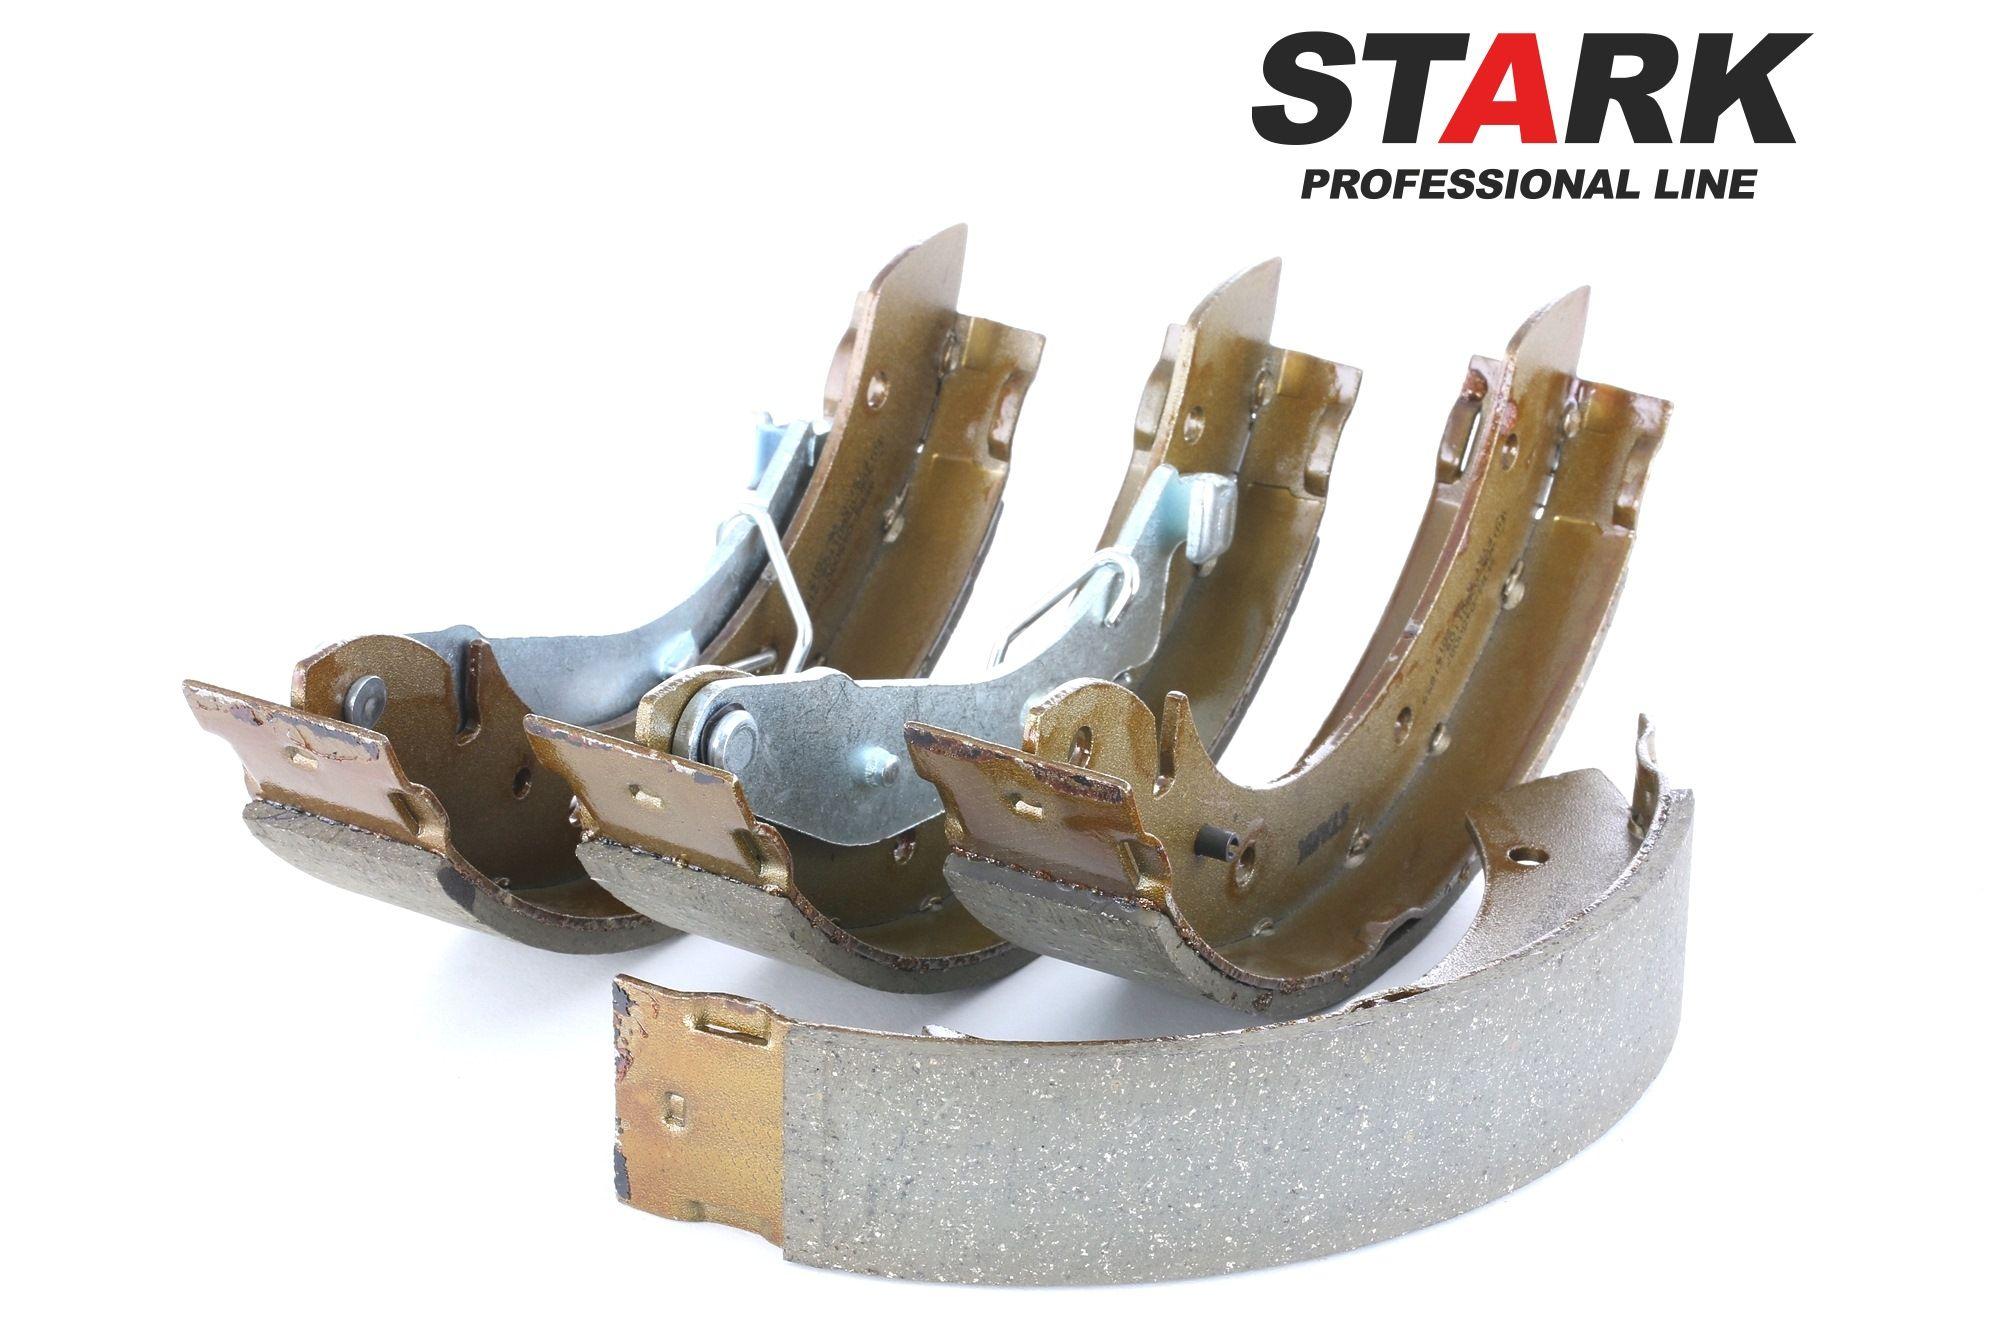 Juego de zapatas de freno y zapatas de freno traseras STARK SKBS-0450035